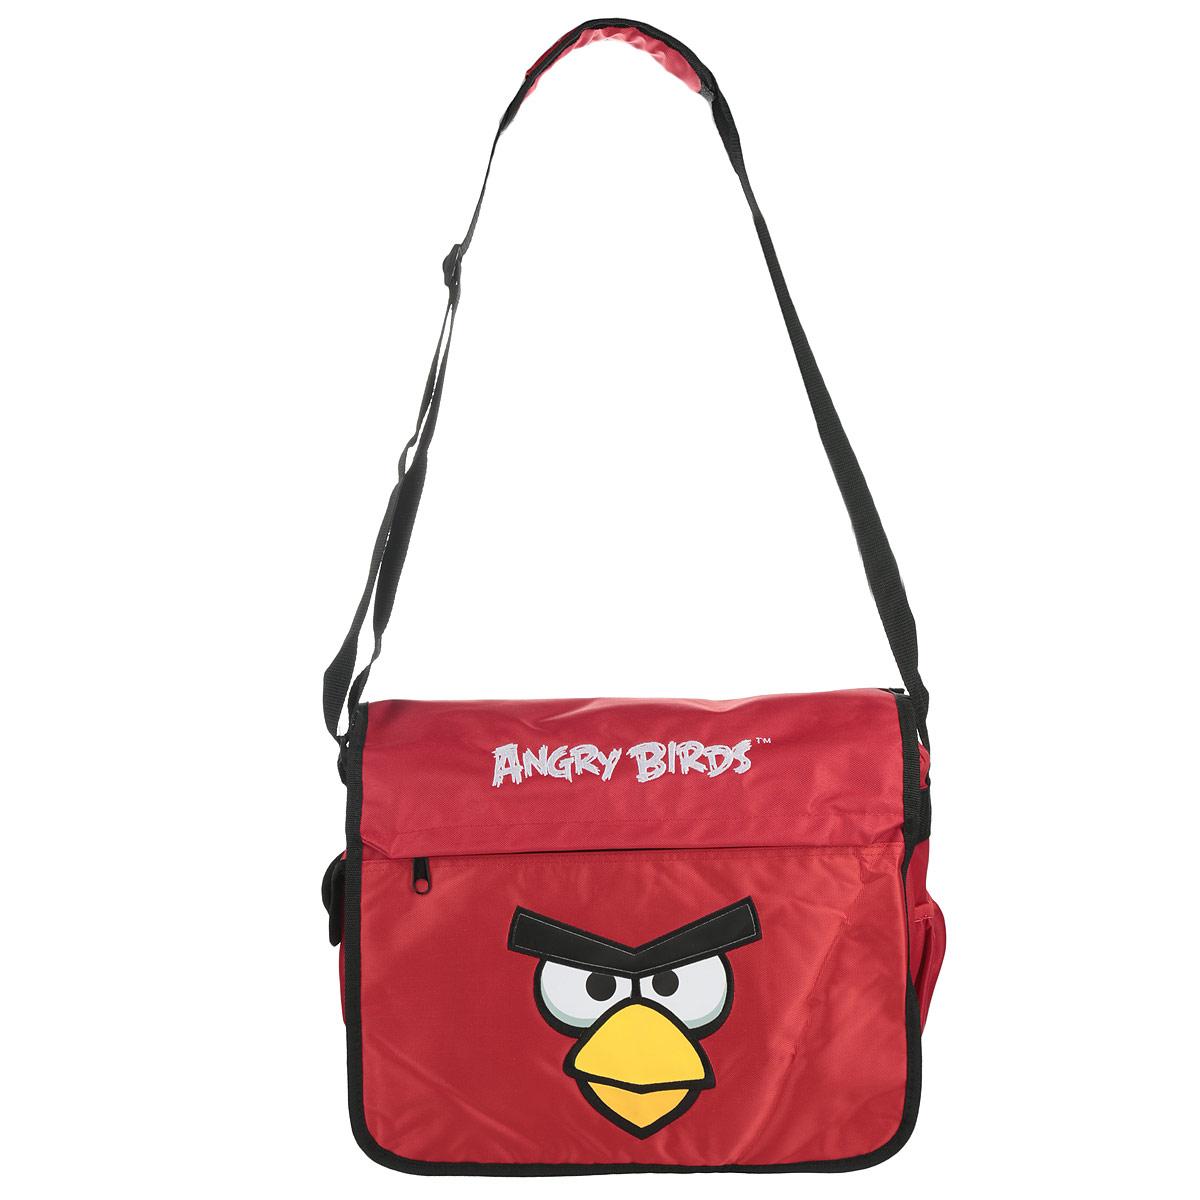 Сумка школьная Hatber Angry Birds, цвет: красный, черный, желтый. NSn_00203NSn_00203Многофункциональная школьная сумка Hatber Angry Birds выполнена из прочного износостойкого материала высокого качества. Изделие оформлено принтом с изображением птички. Сумка имеет одно основное отделение, которое закрывается на застежку-молнию и дополнительно закрывантся откидным клапаном на липучки. Внутри отделения расположен нашитый карман на молнии и жесткий средник-разделитель. Снаружи под откидным клапаном расположен накладной сетчатый карман на молнии. На лицевой стороне сумки расположен вшитый карман на молнии. По бокам изделия размещены два дополнительных накладных кармана, один из застегивается на липучку. Сумка оснащена плечевым ремнем с мягкой подложкой, длина ремня регулируется при помощи пряжки. Многофункциональная школьная сумка Hatber Angry Birds станет незаменимым спутником вашего ребенка в походах за знаниями.